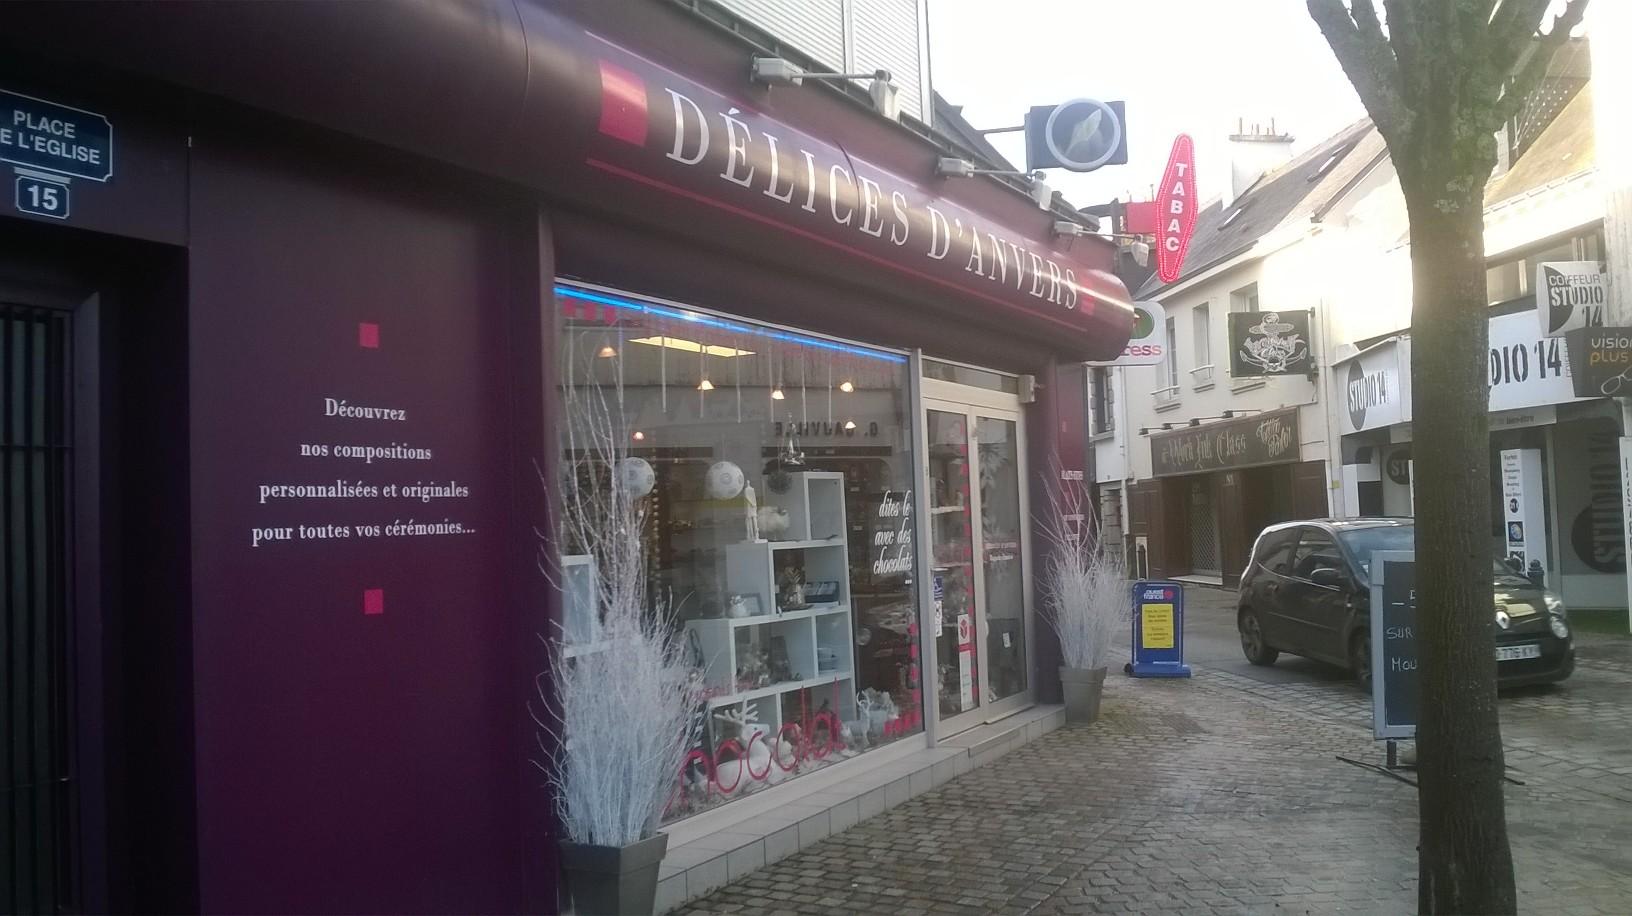 ploemeur-les-delices-d-anvers-store-jan18